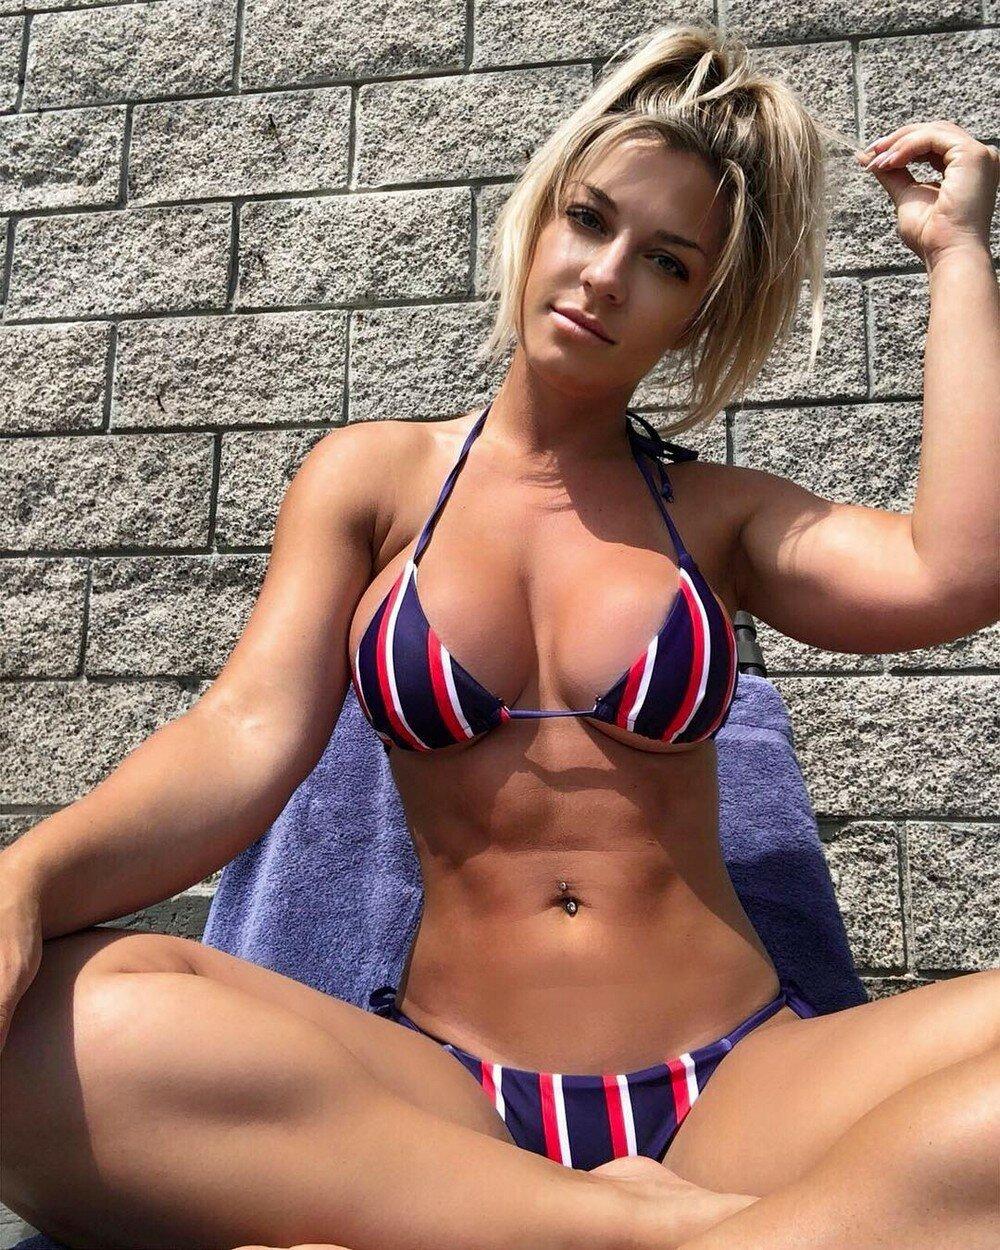 Порно фото бикини на ибице видео порно